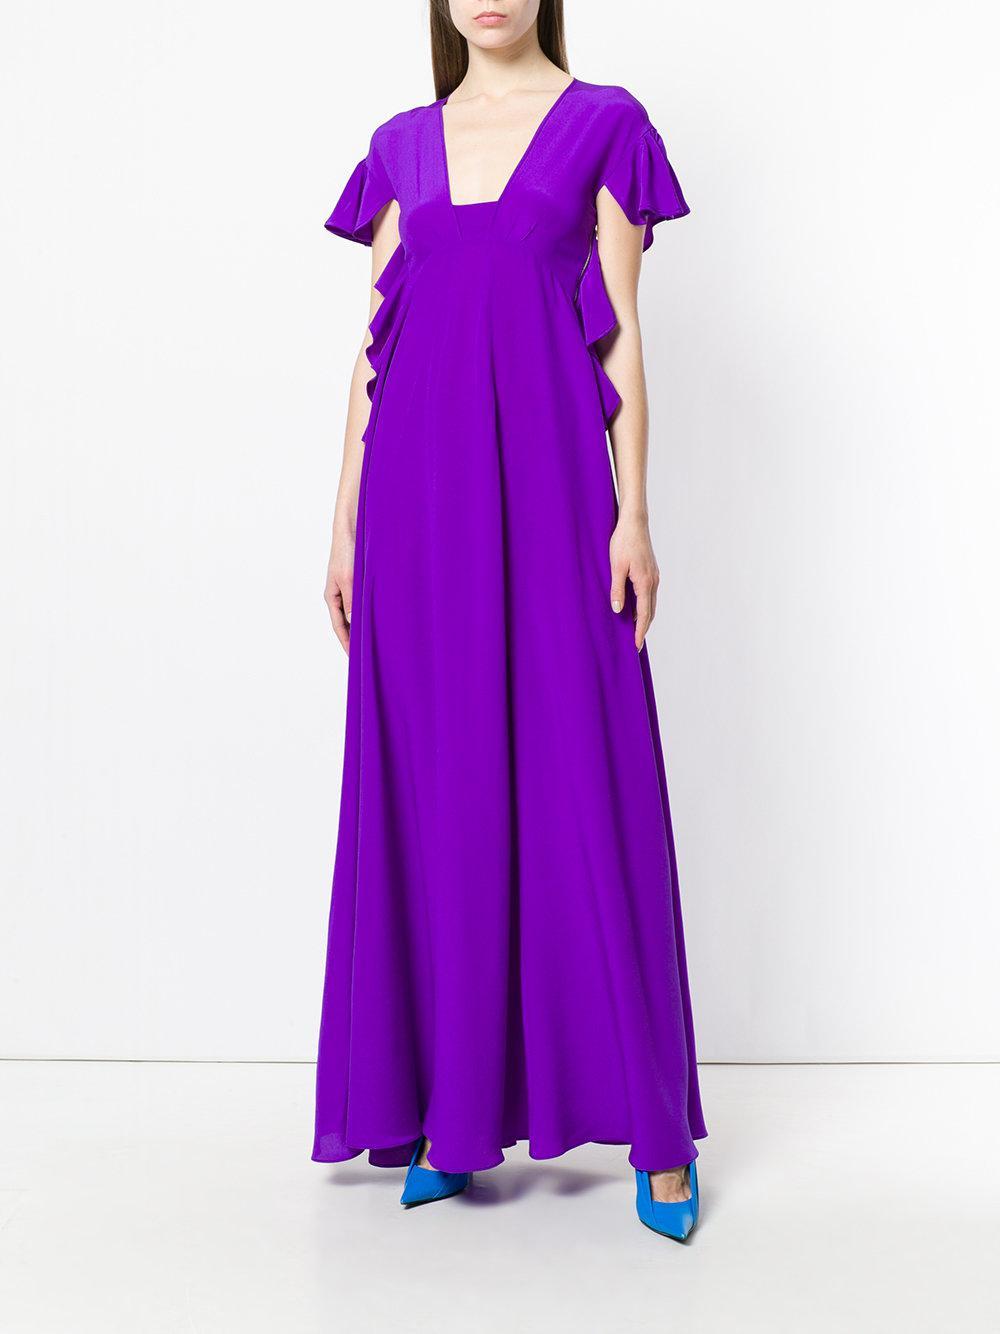 empire gown - Pink & Purple Rochas wlrISSQV